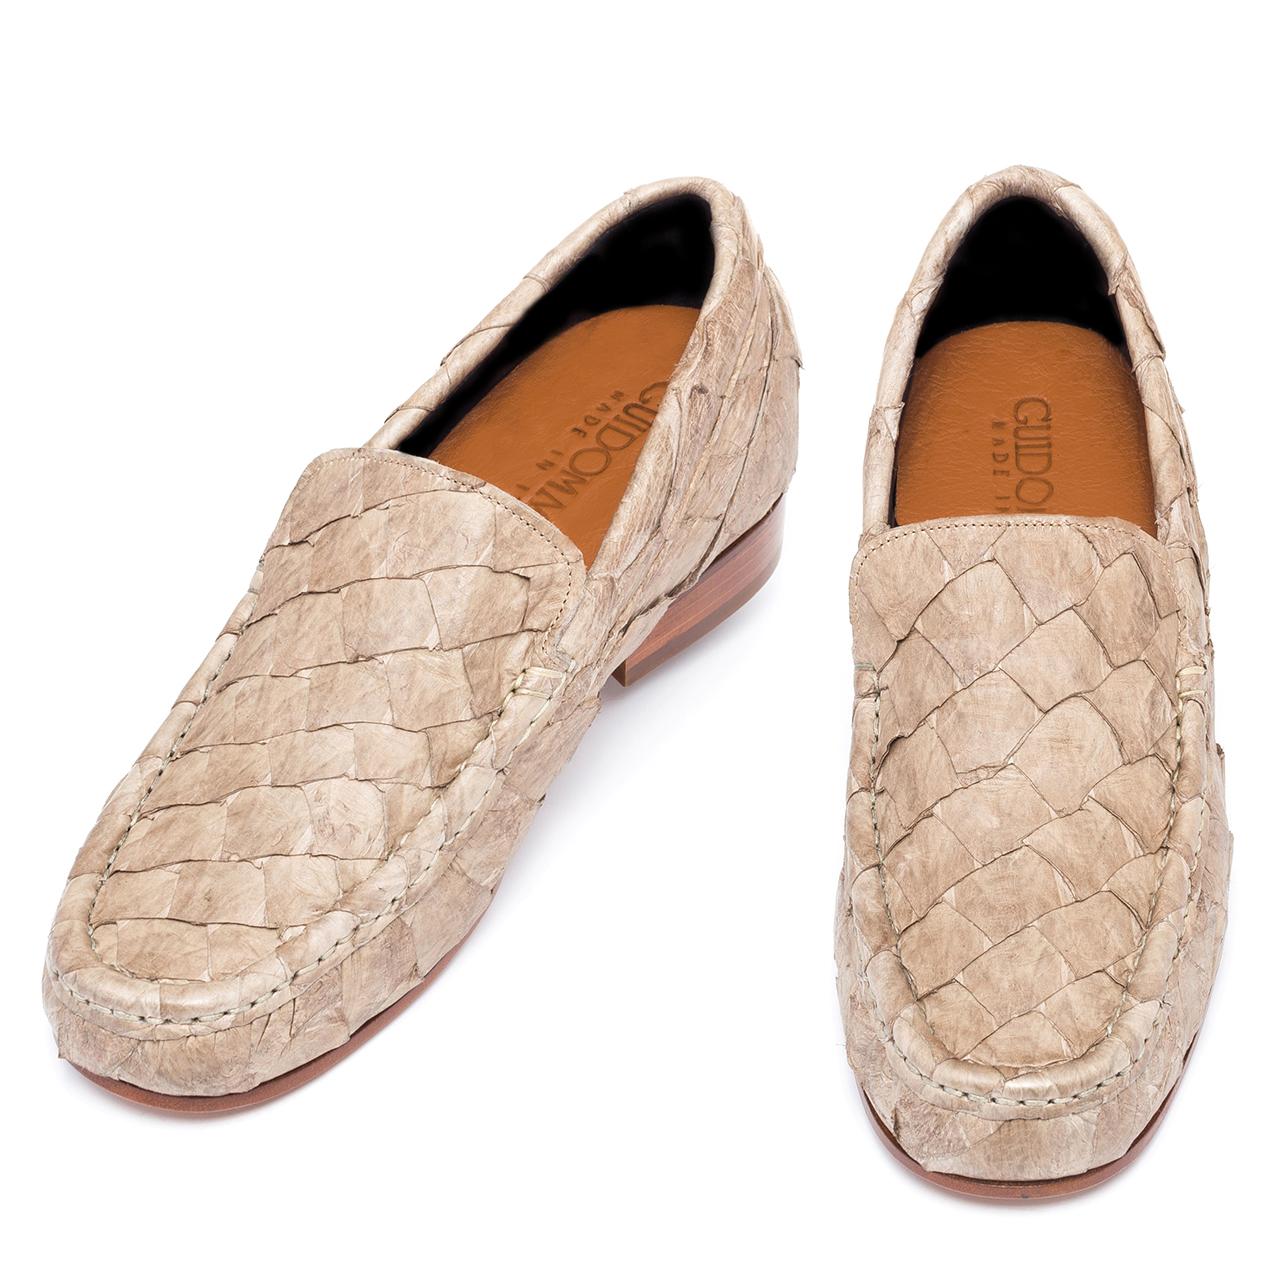 Scarpe uomo con rialzo interno scarpe con rialzo per uomo for Interno 1 scarpe